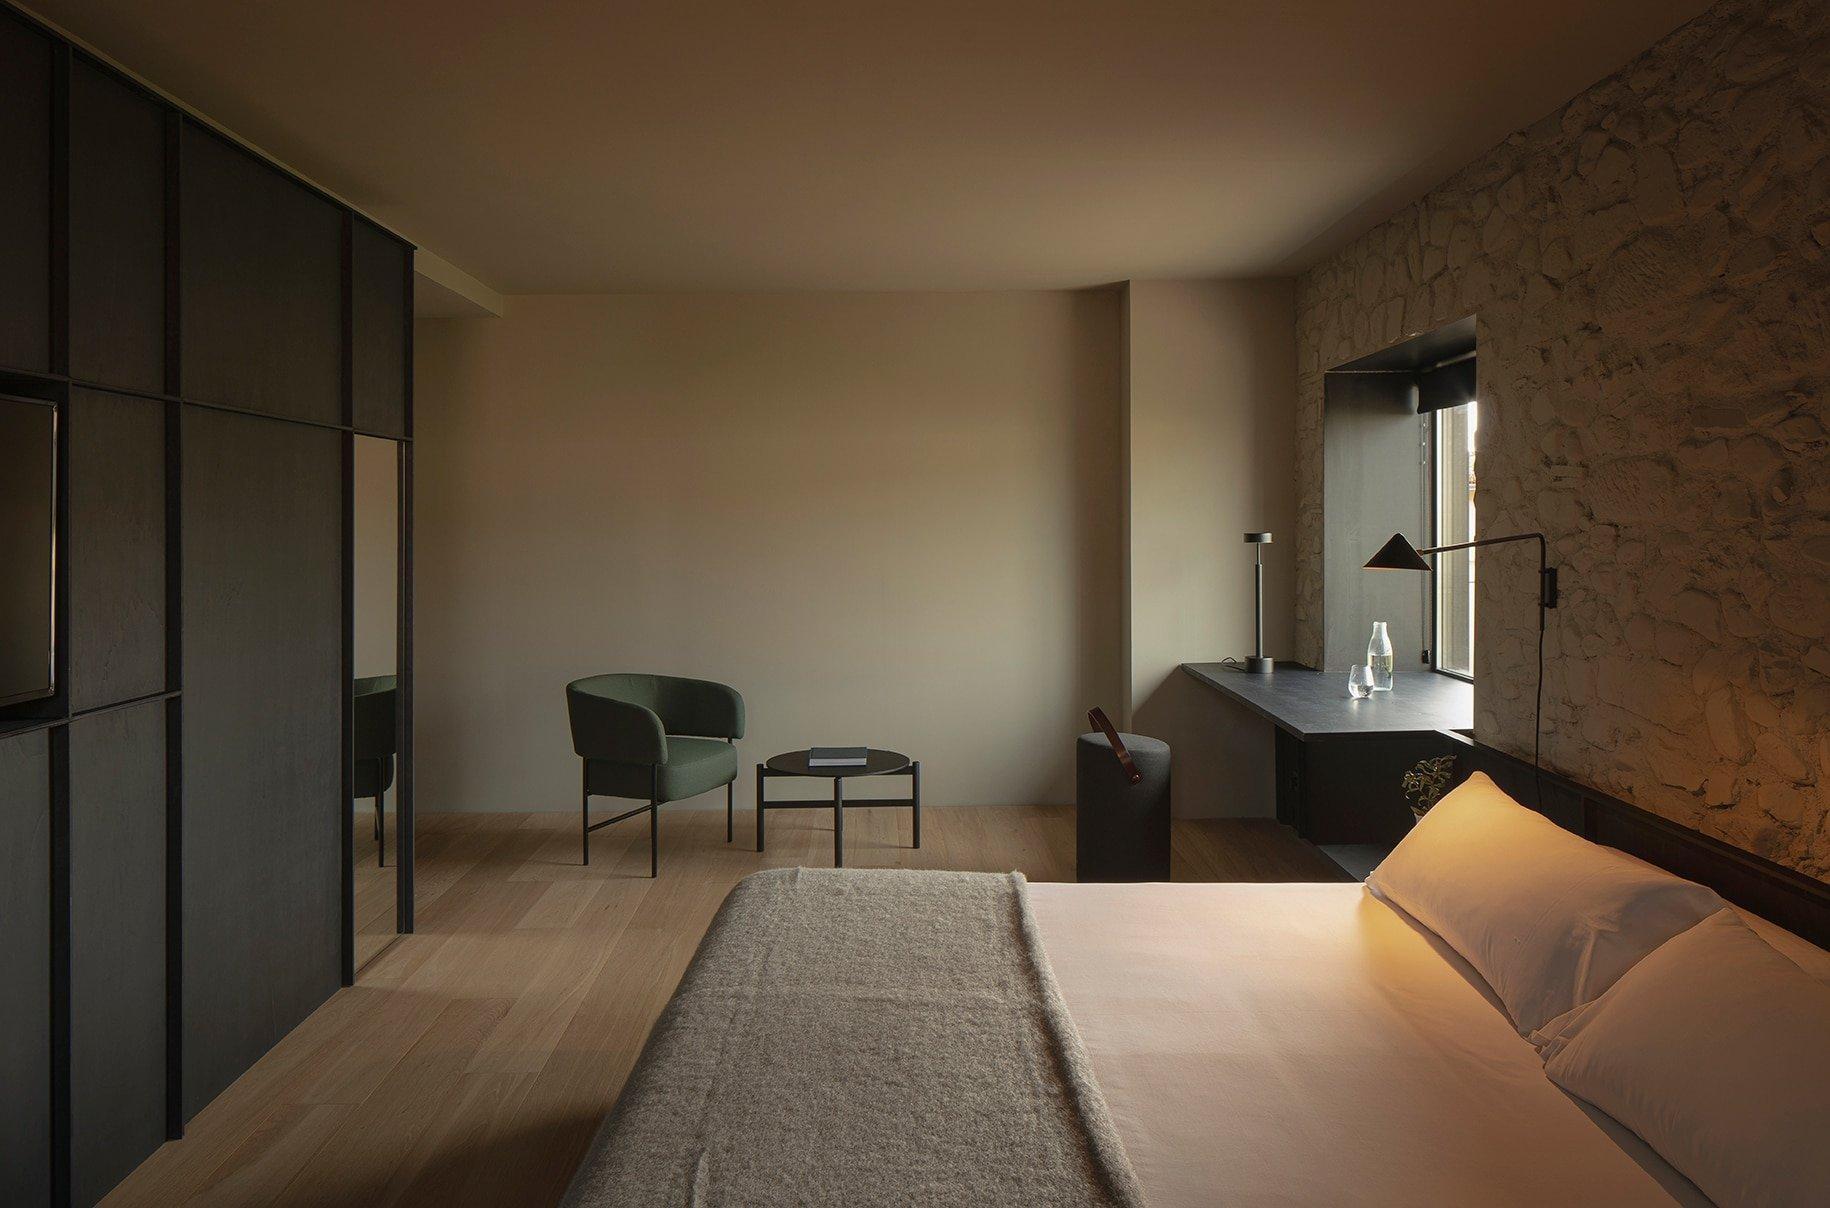 Foto ambiente Butaca Easy Chair en el Hotel Casa Grande - Muebles de diseño - Blasco&Vila